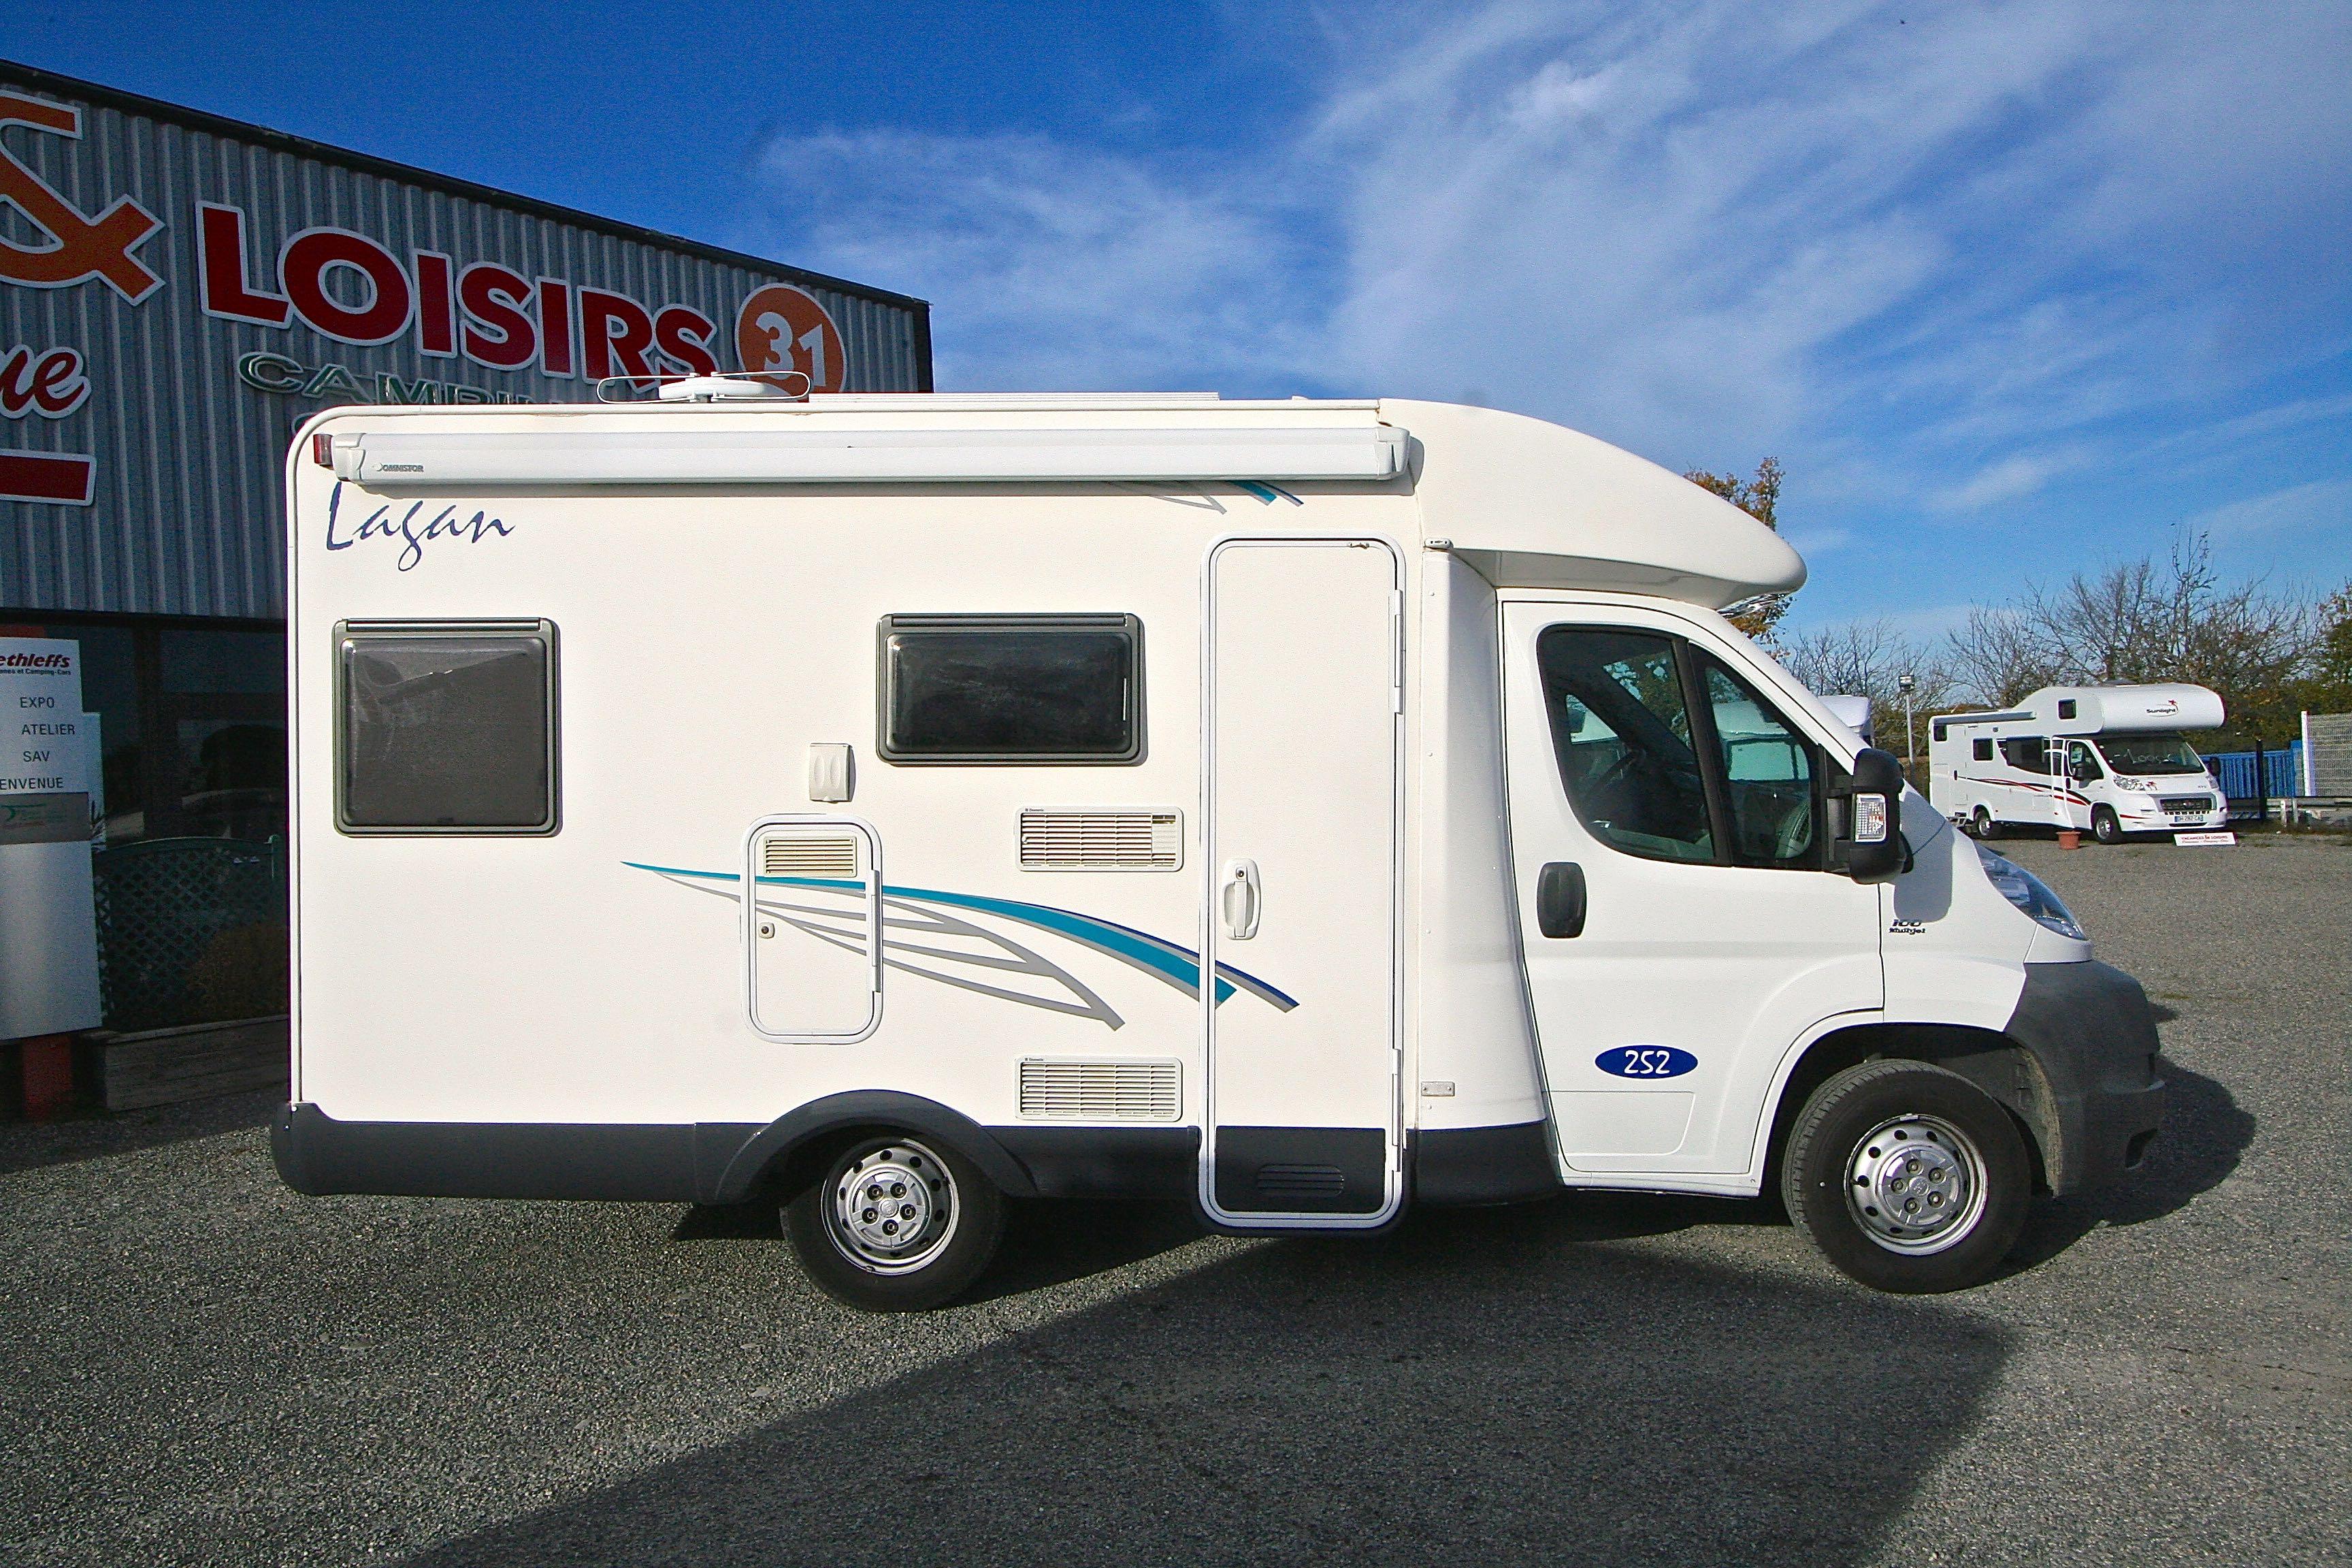 mc louis lagan 252 occasion fiat camping car en vente roques sur garonne haute garonne 31. Black Bedroom Furniture Sets. Home Design Ideas